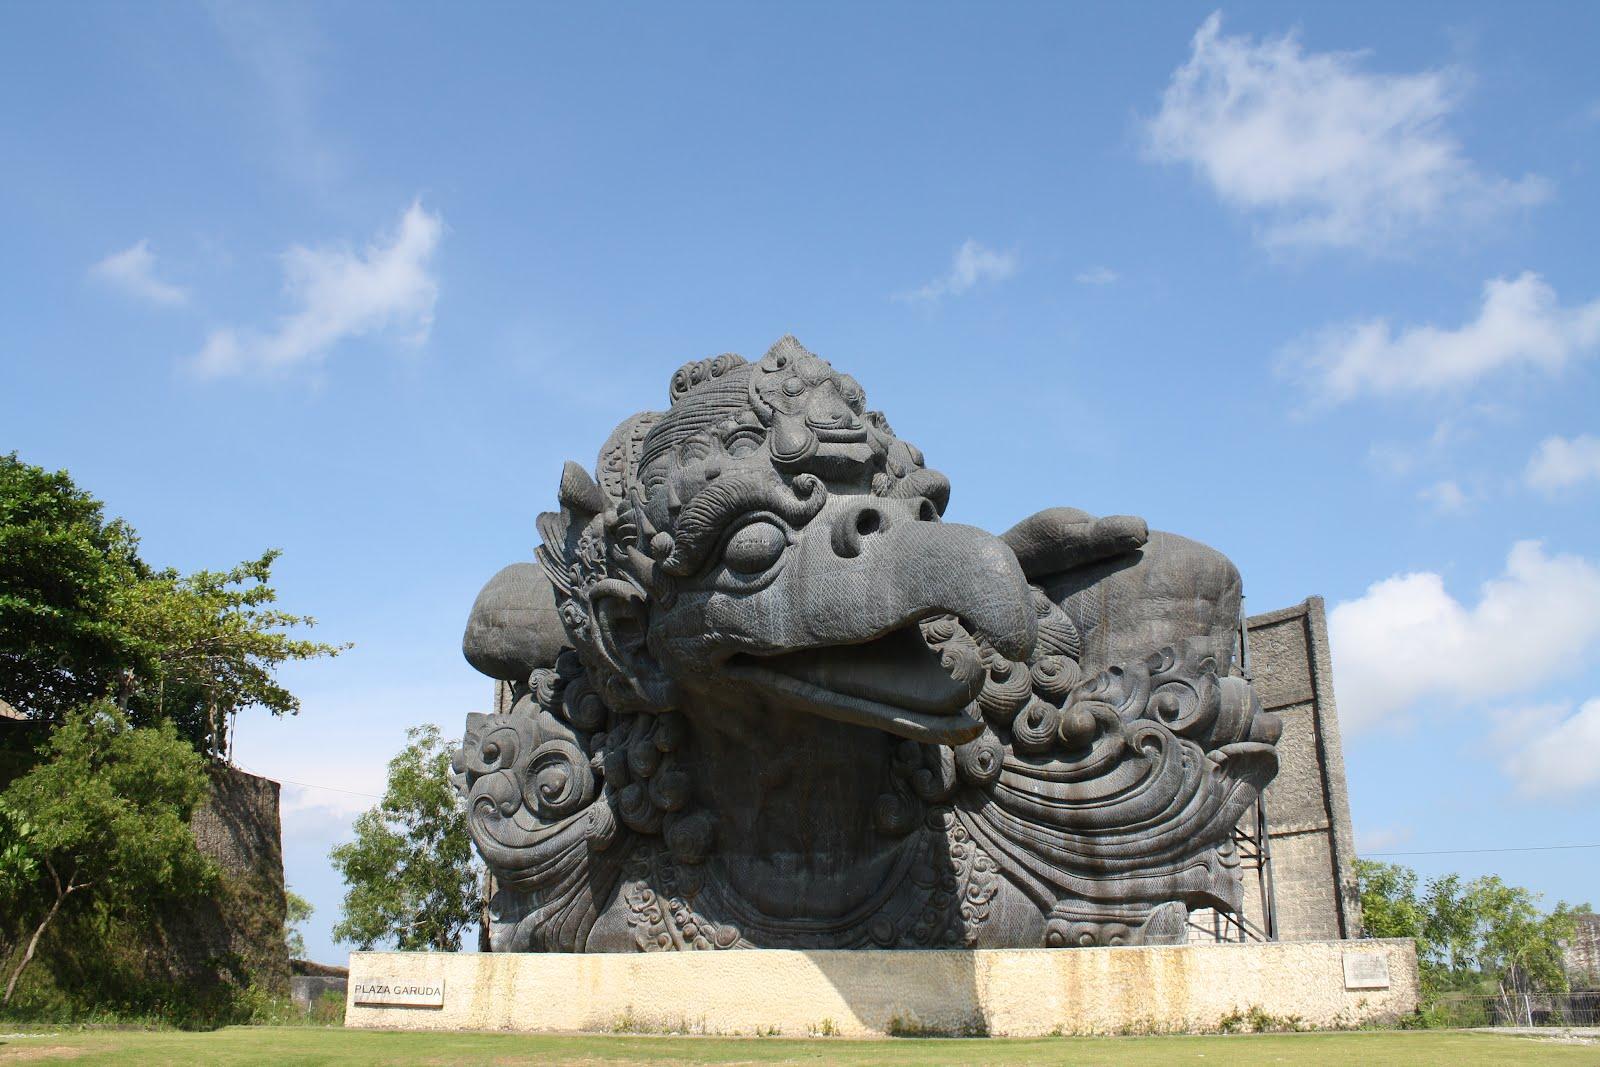 Wisata Monumen Patung Garuda Wisnu Kencana Bali Nusantara Bandung Lautan